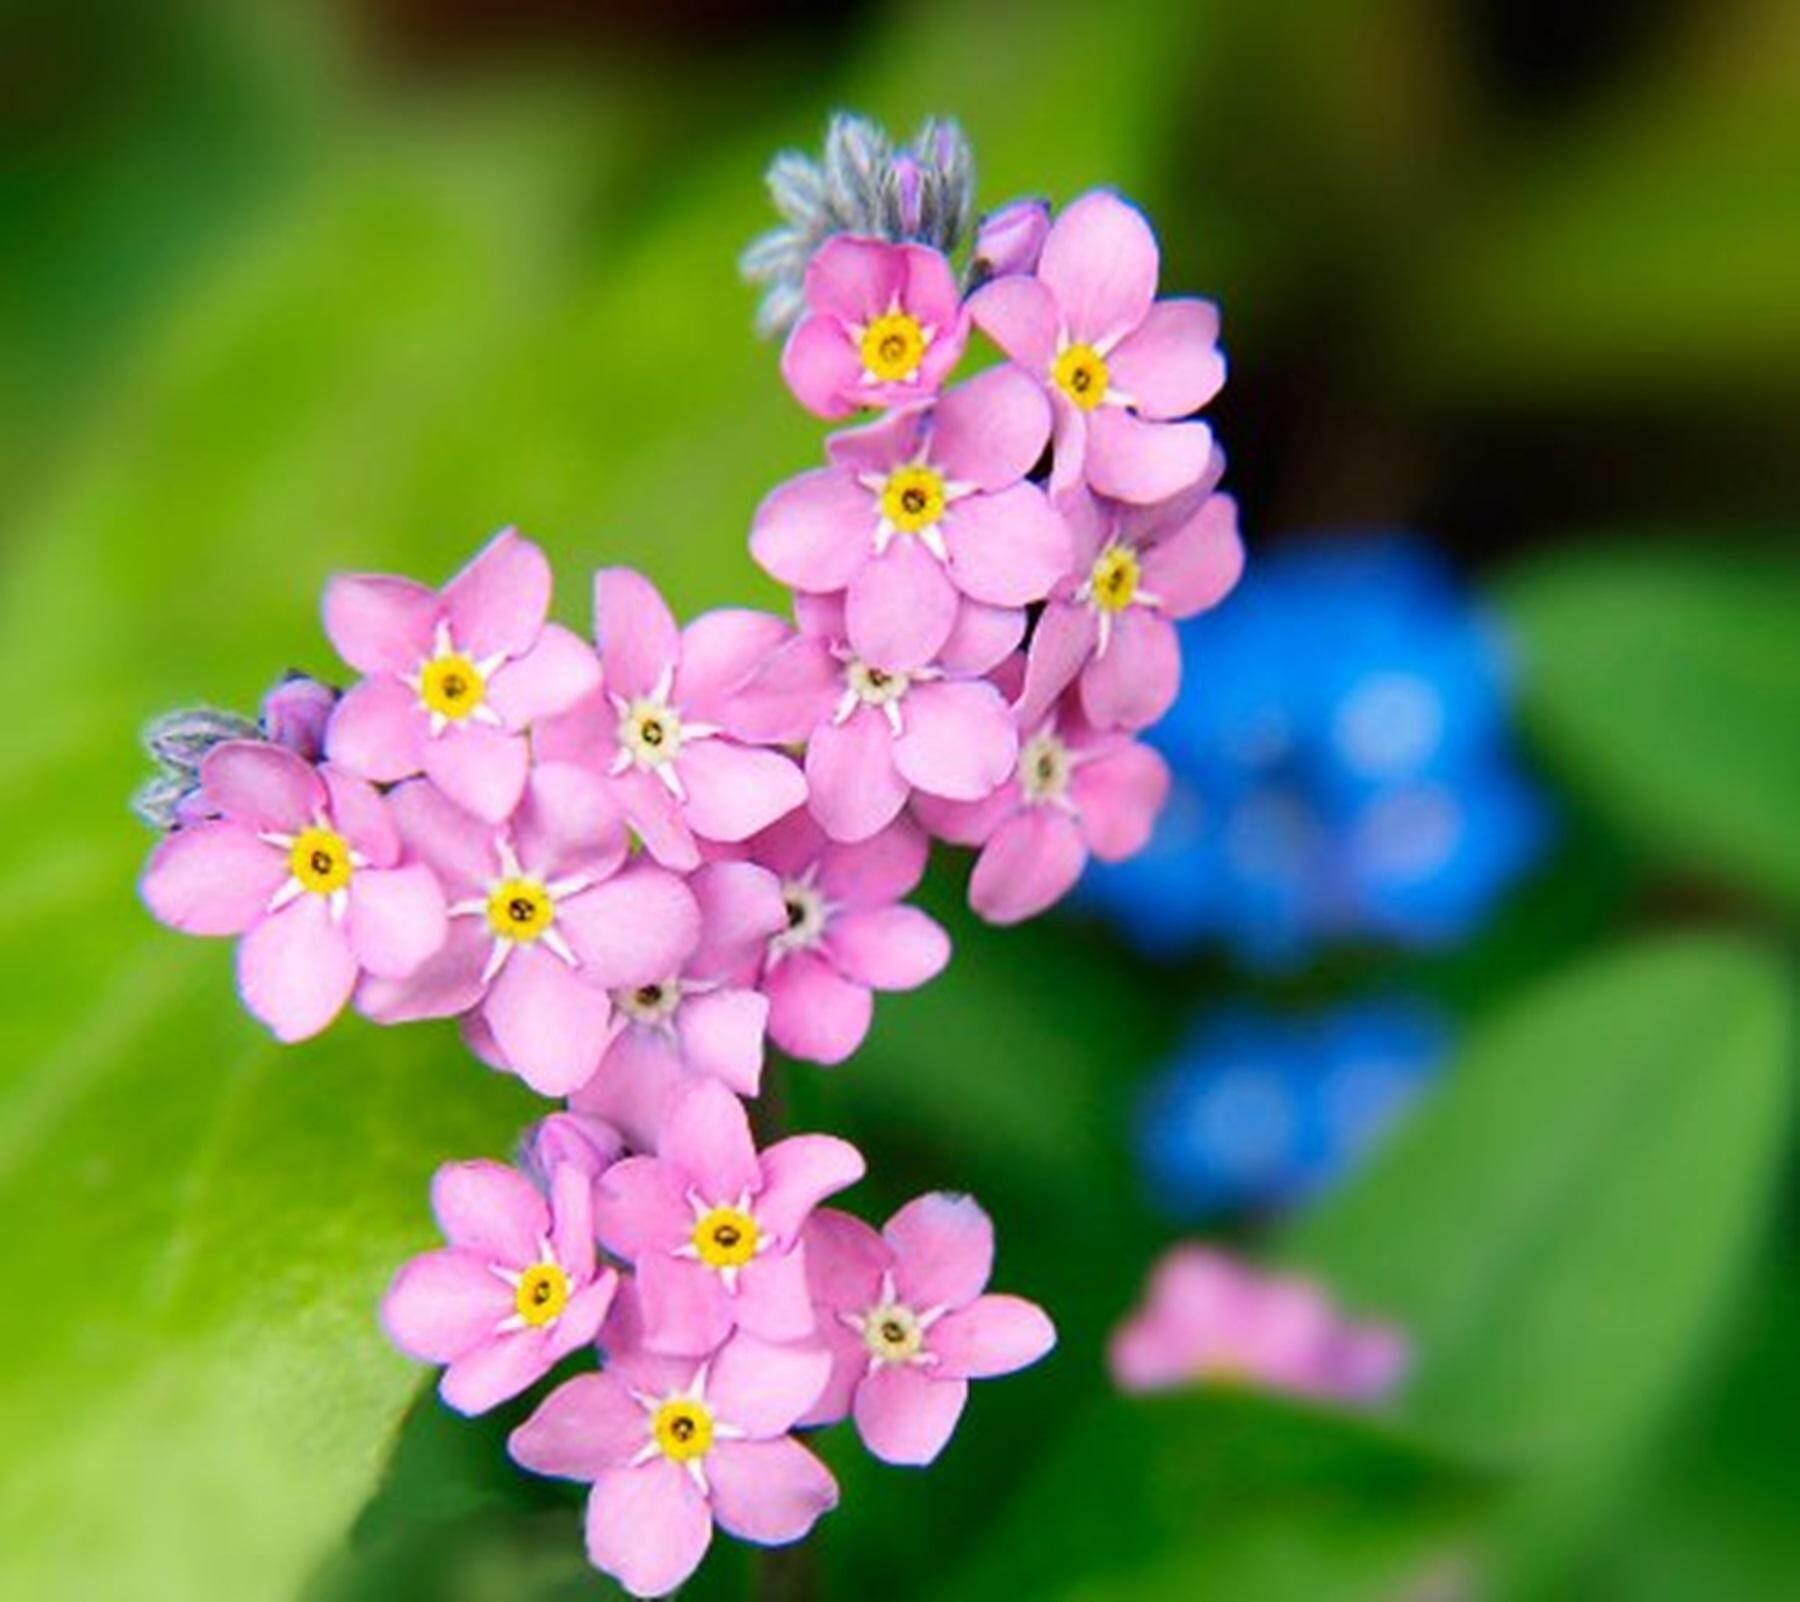 ขายส่ง 100 เมล็ด เมล็ดพันธุ์ดอกฟอร์เก็ตมีน็อต For Get Me Not อย่าลืมฉัน ต้นไม้สัญลักษณ์แห่งความรัก ดอกไม้สีสวย Angelface Pin แวววิเชียร ไม้ประดับ เมล็ดพันธุ์นำเข้า ชาดอกไม้ ดอกไชนีส ฟอร์เก็ตมีน็อต Chinese Forget Me Not เทียนญี่ปุ่น Wholesale. By Nature.